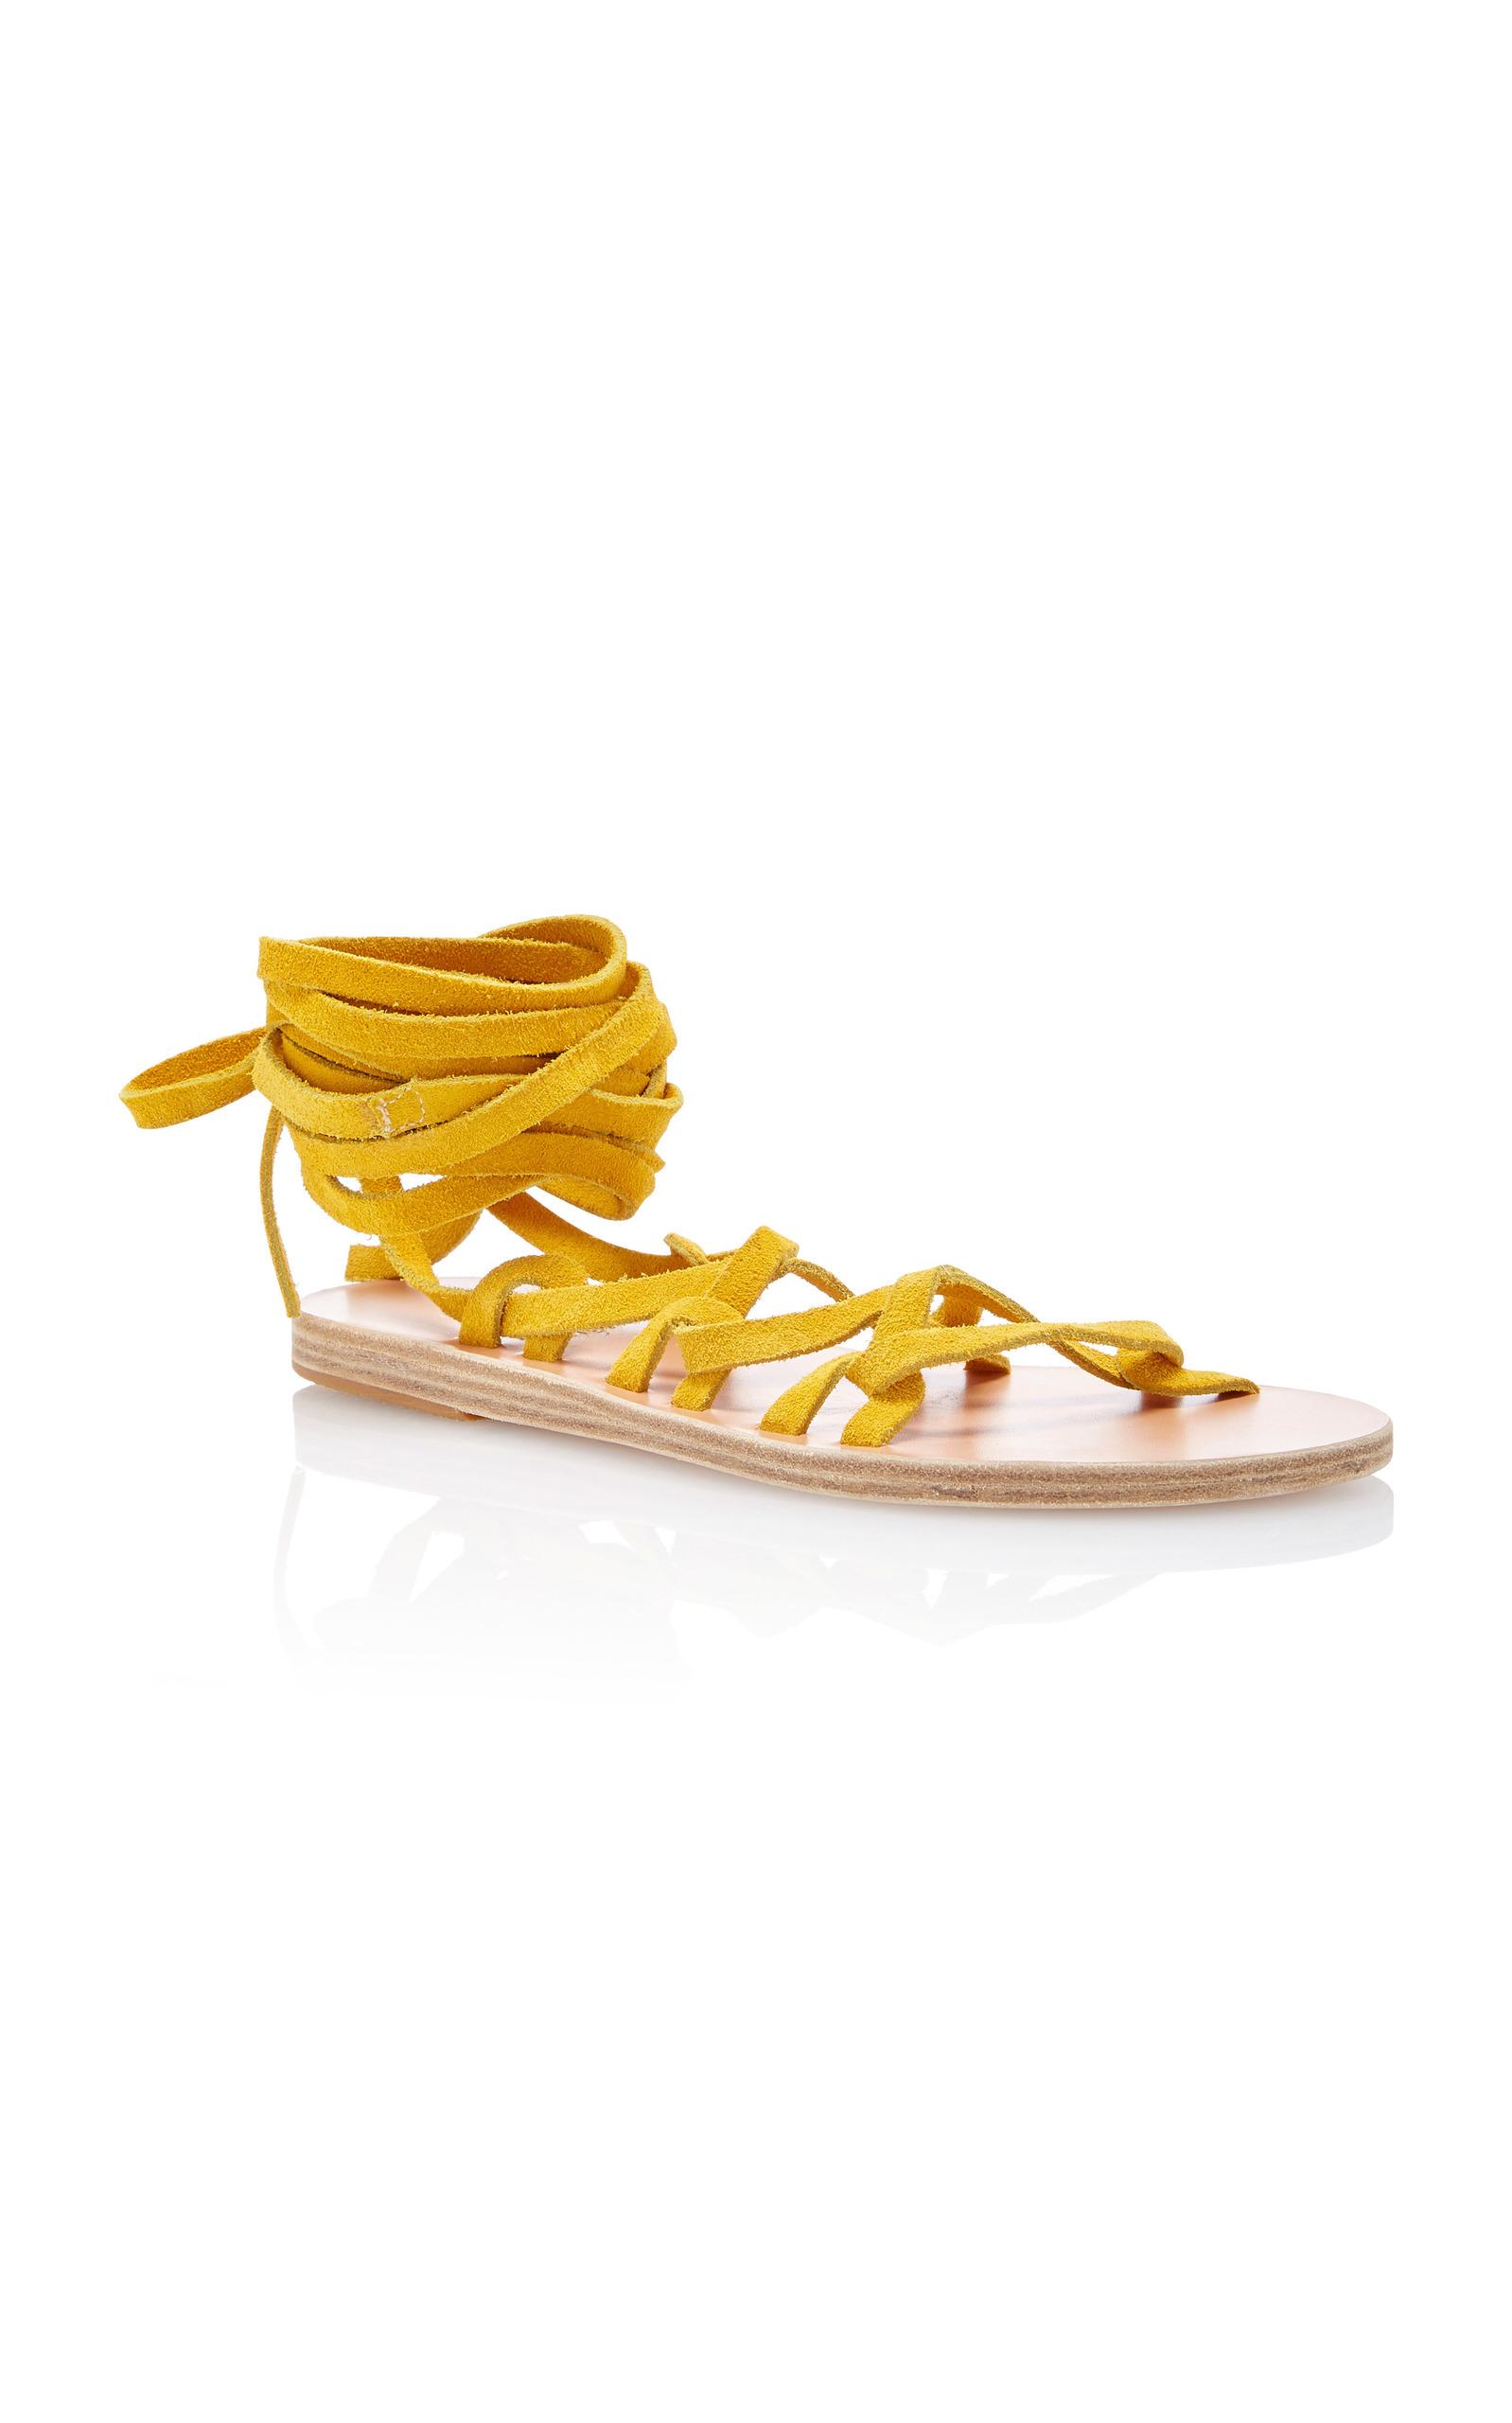 Anciennes Sandales Grecques Cravate Simplement Sandales Kariatida - Jaune Et Orange MC2rEx